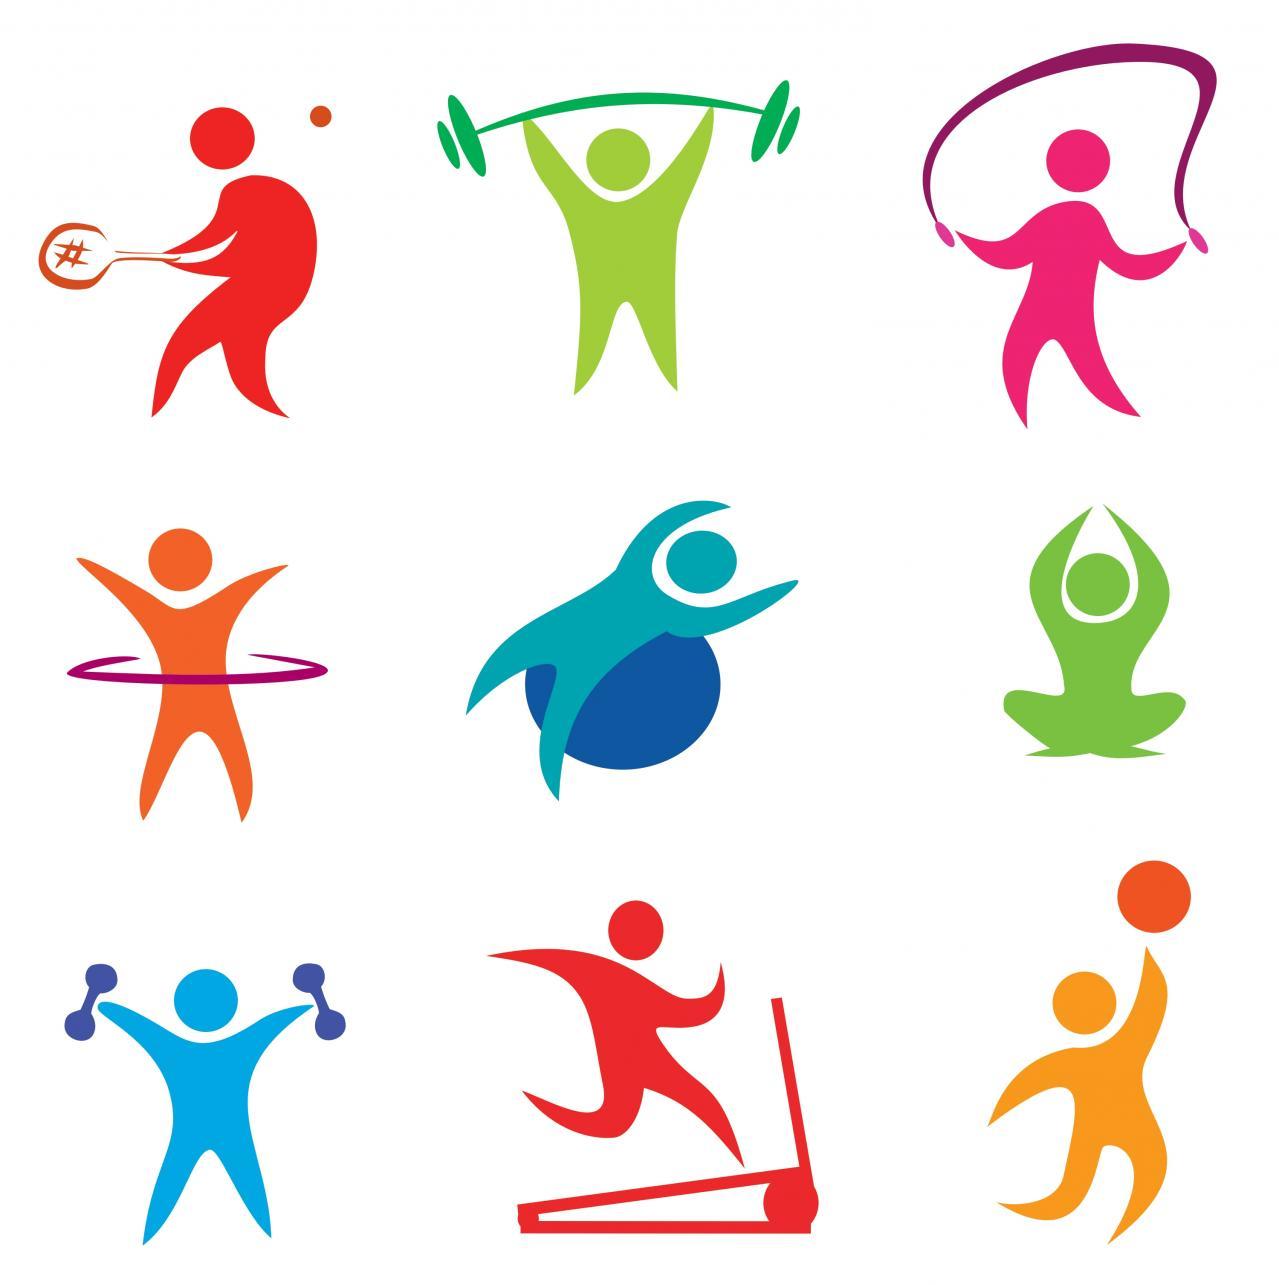 صورة صور عن الرياضة , اجمل صورة معبرة عن الرياضة